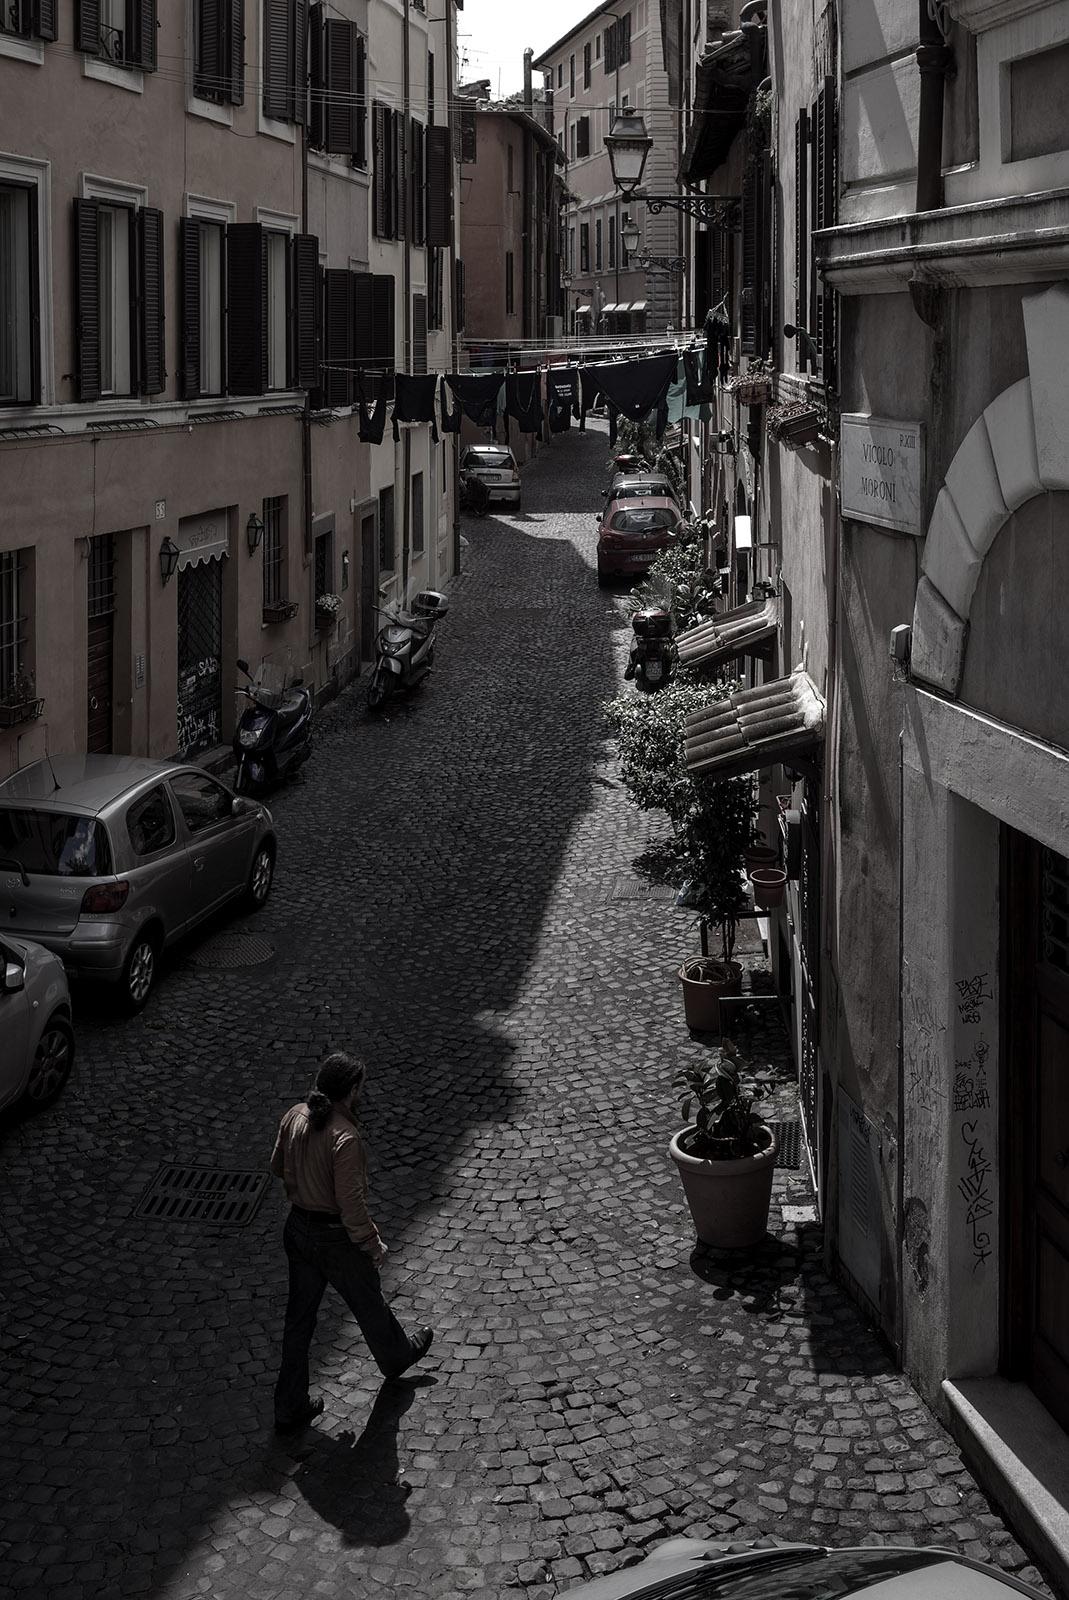 Roma_street_001V_1600.jpg